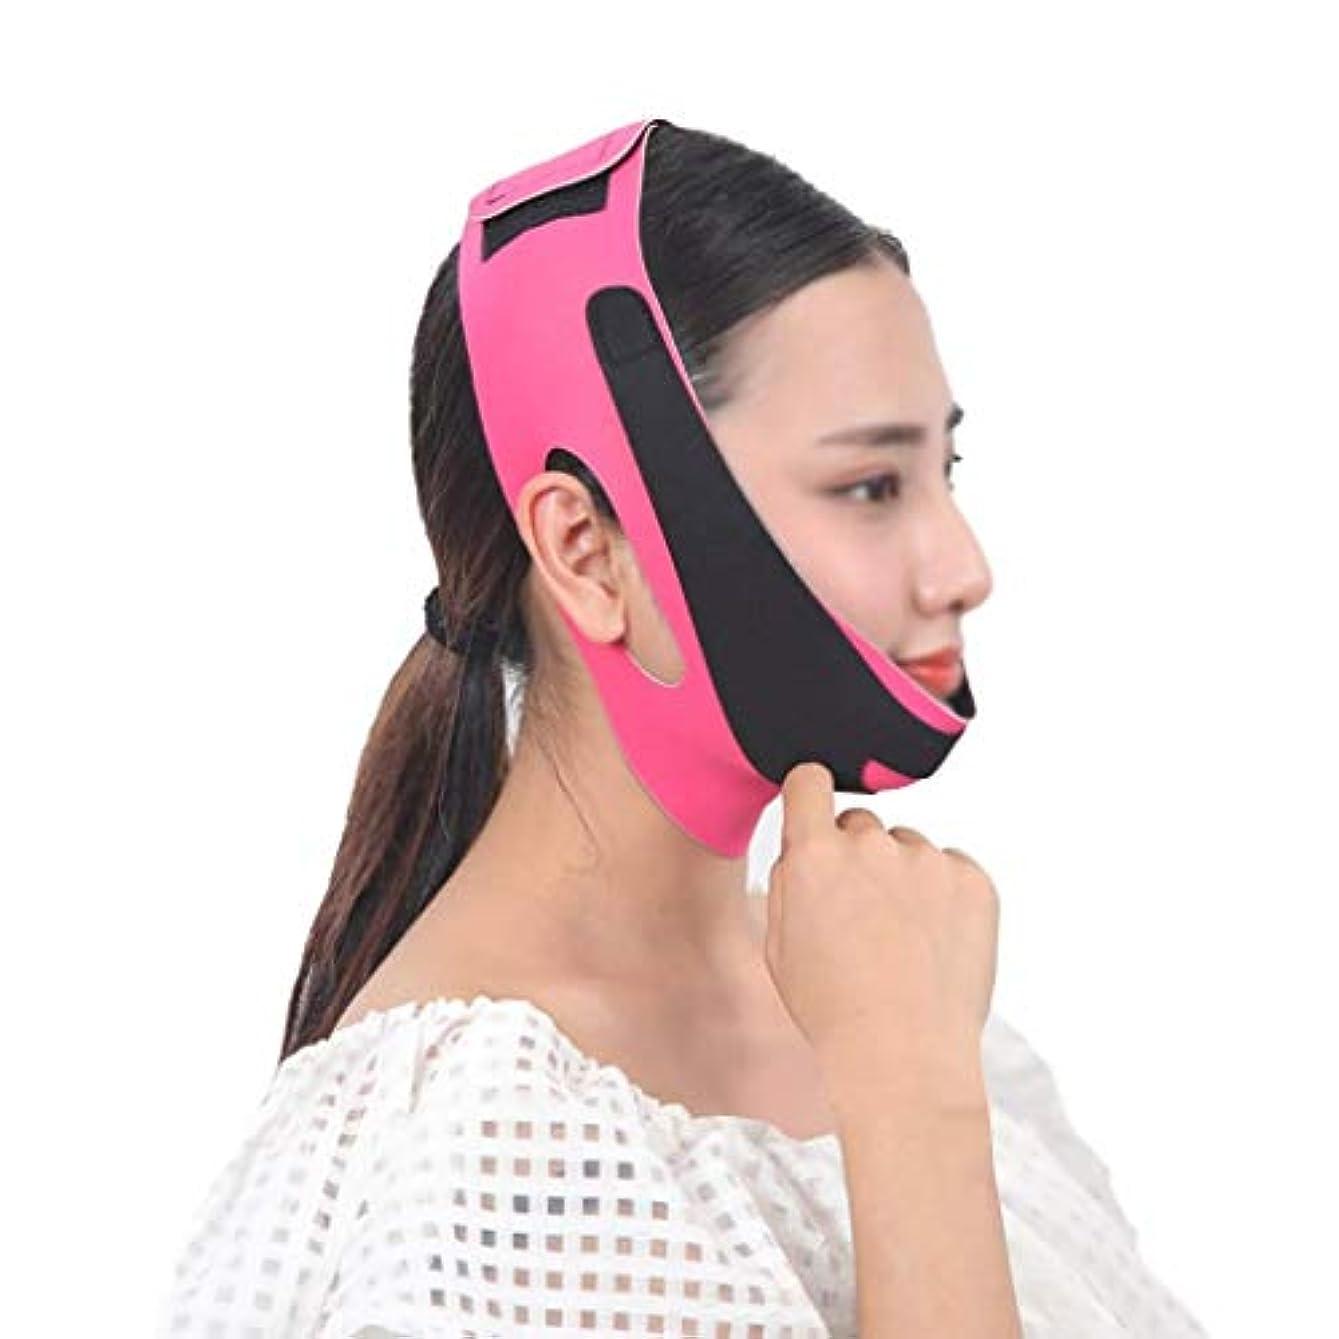 ひも高原早める顔と首のリフト術後の弾性フェイスマスク小V顔アーティファクト薄い顔包帯アーティファクトV顔吊り耳リフティング引き締め薄い顔アーティファクト